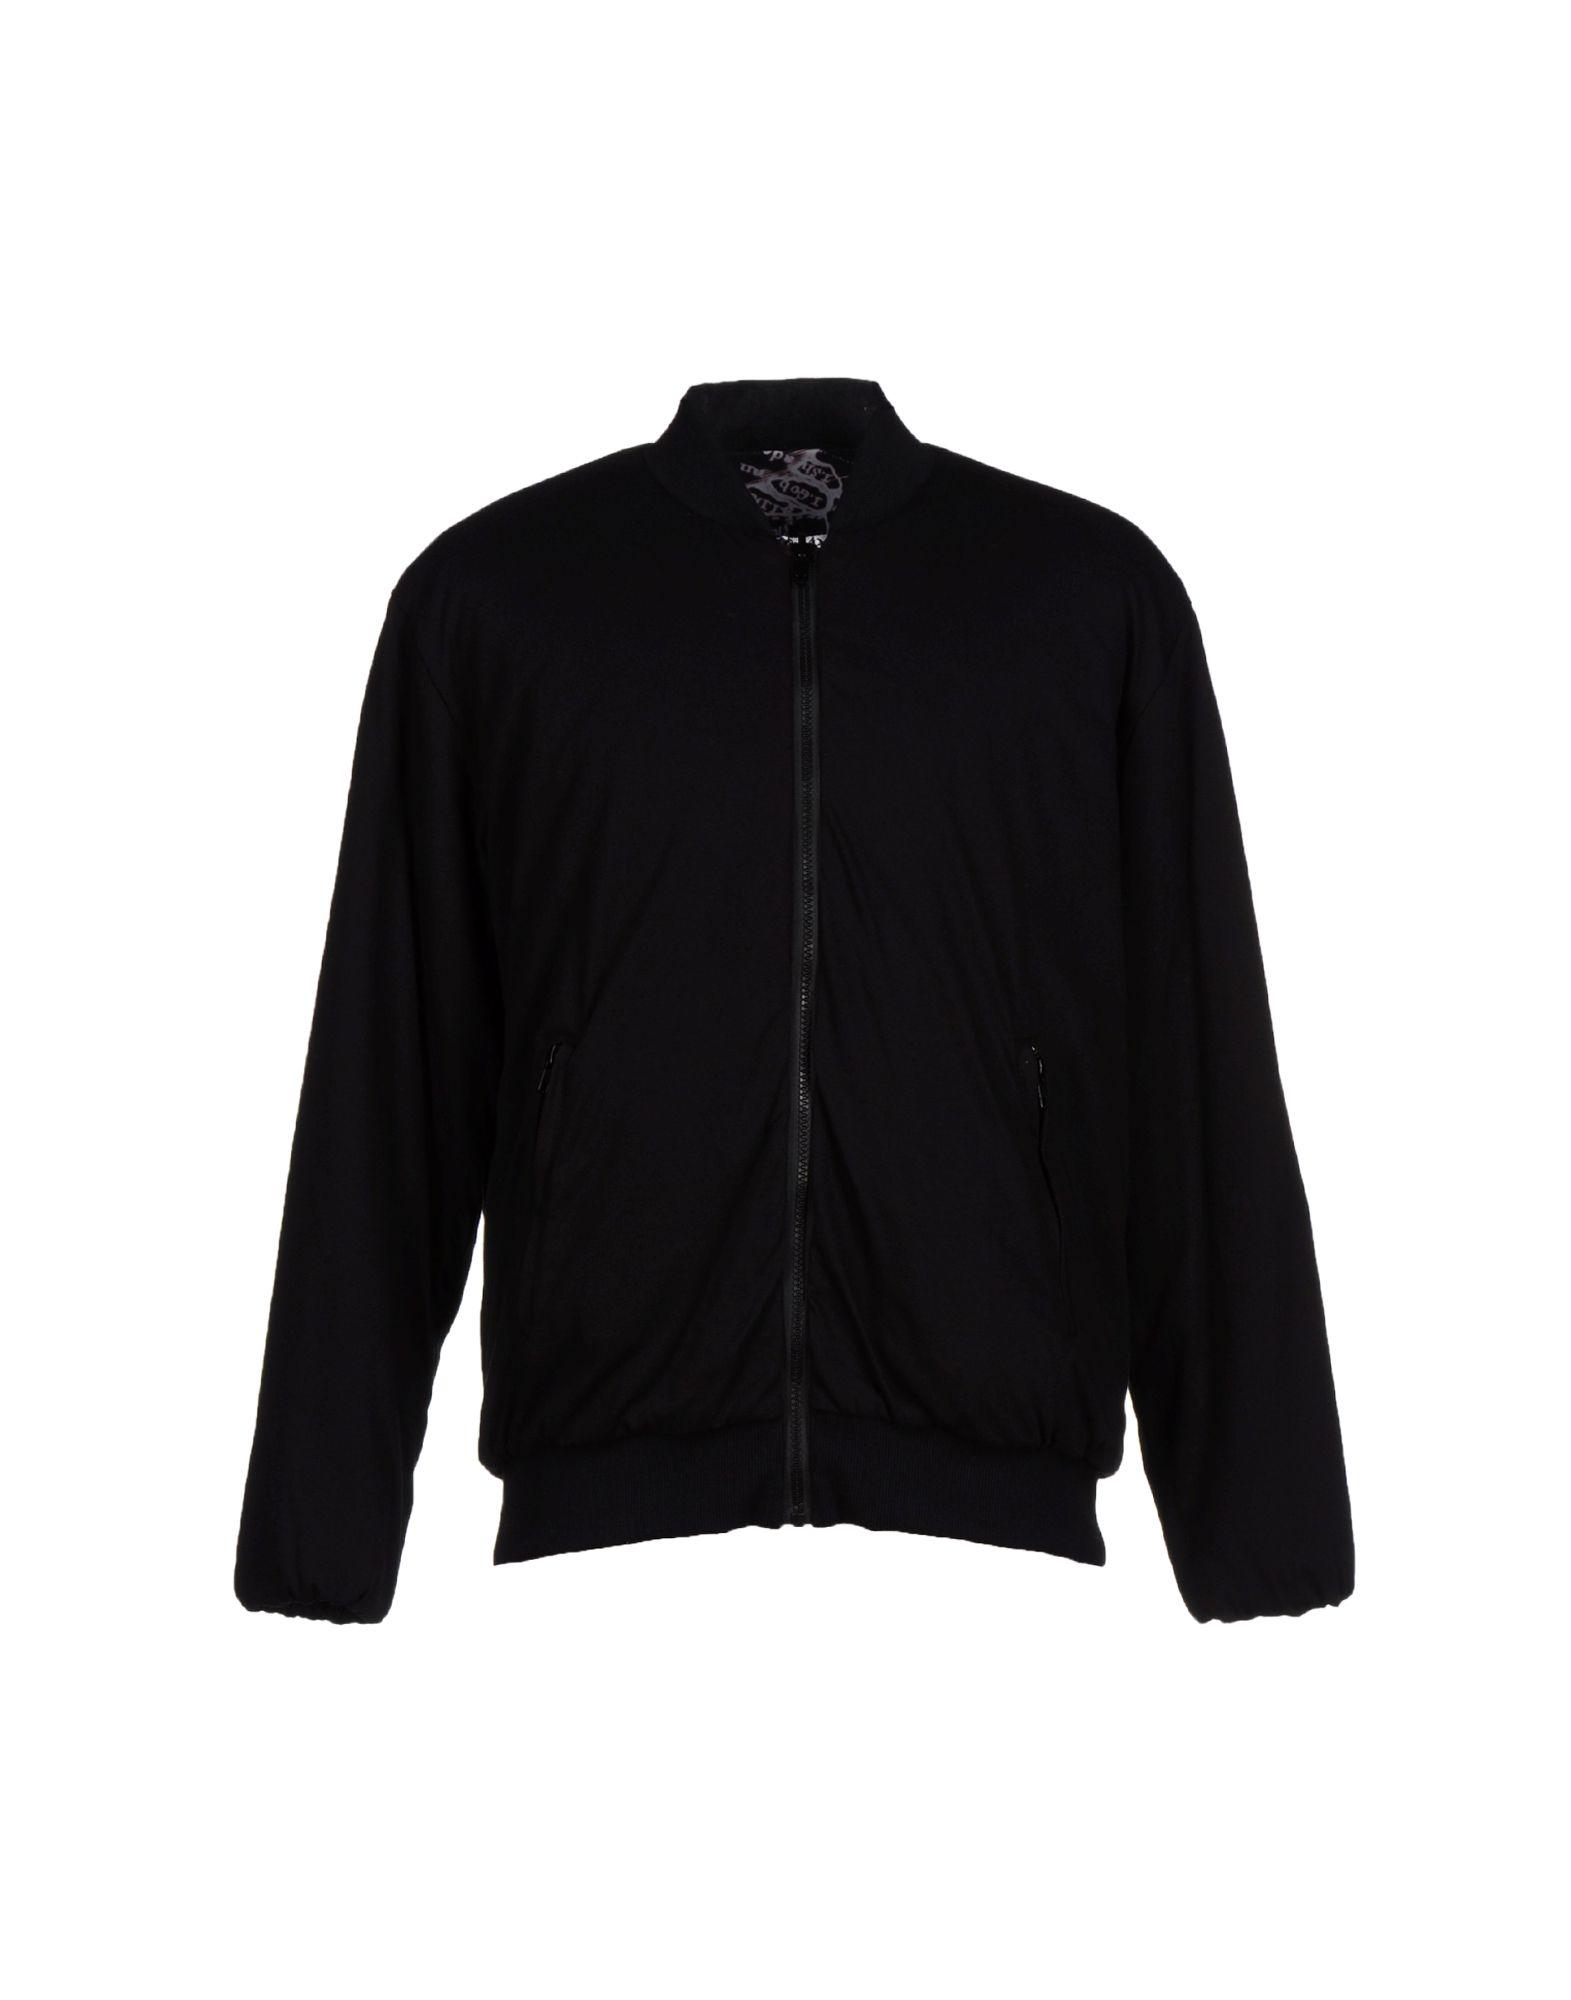 ATOMO Herren Jacke Farbe Schwarz Größe 6